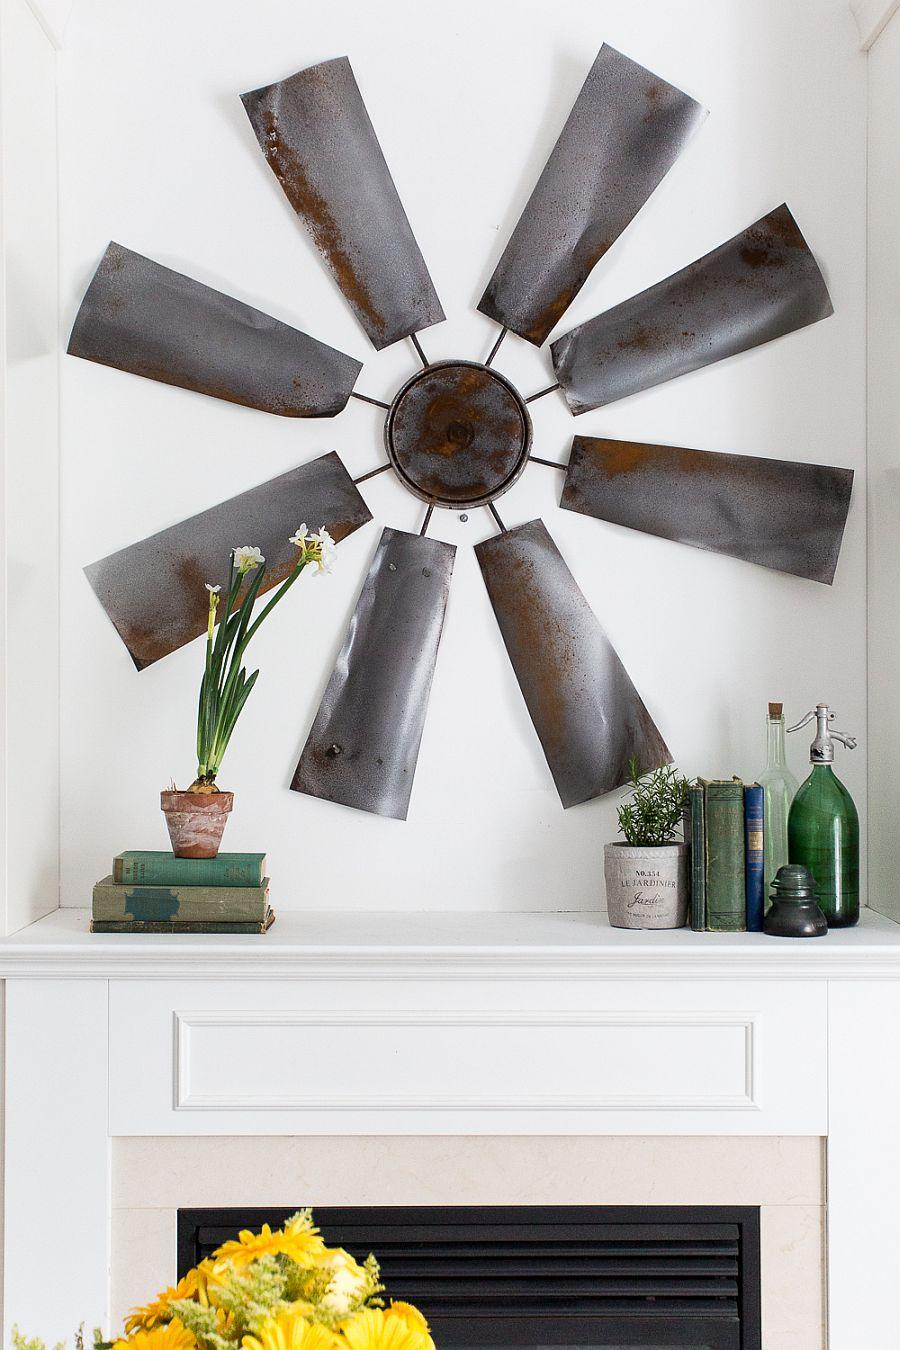 1562338101 390 30 diy farmhouse decor ideas that look just beautiful - 30 DIY Farmhouse Decor Ideas That Look Just Beautiful!